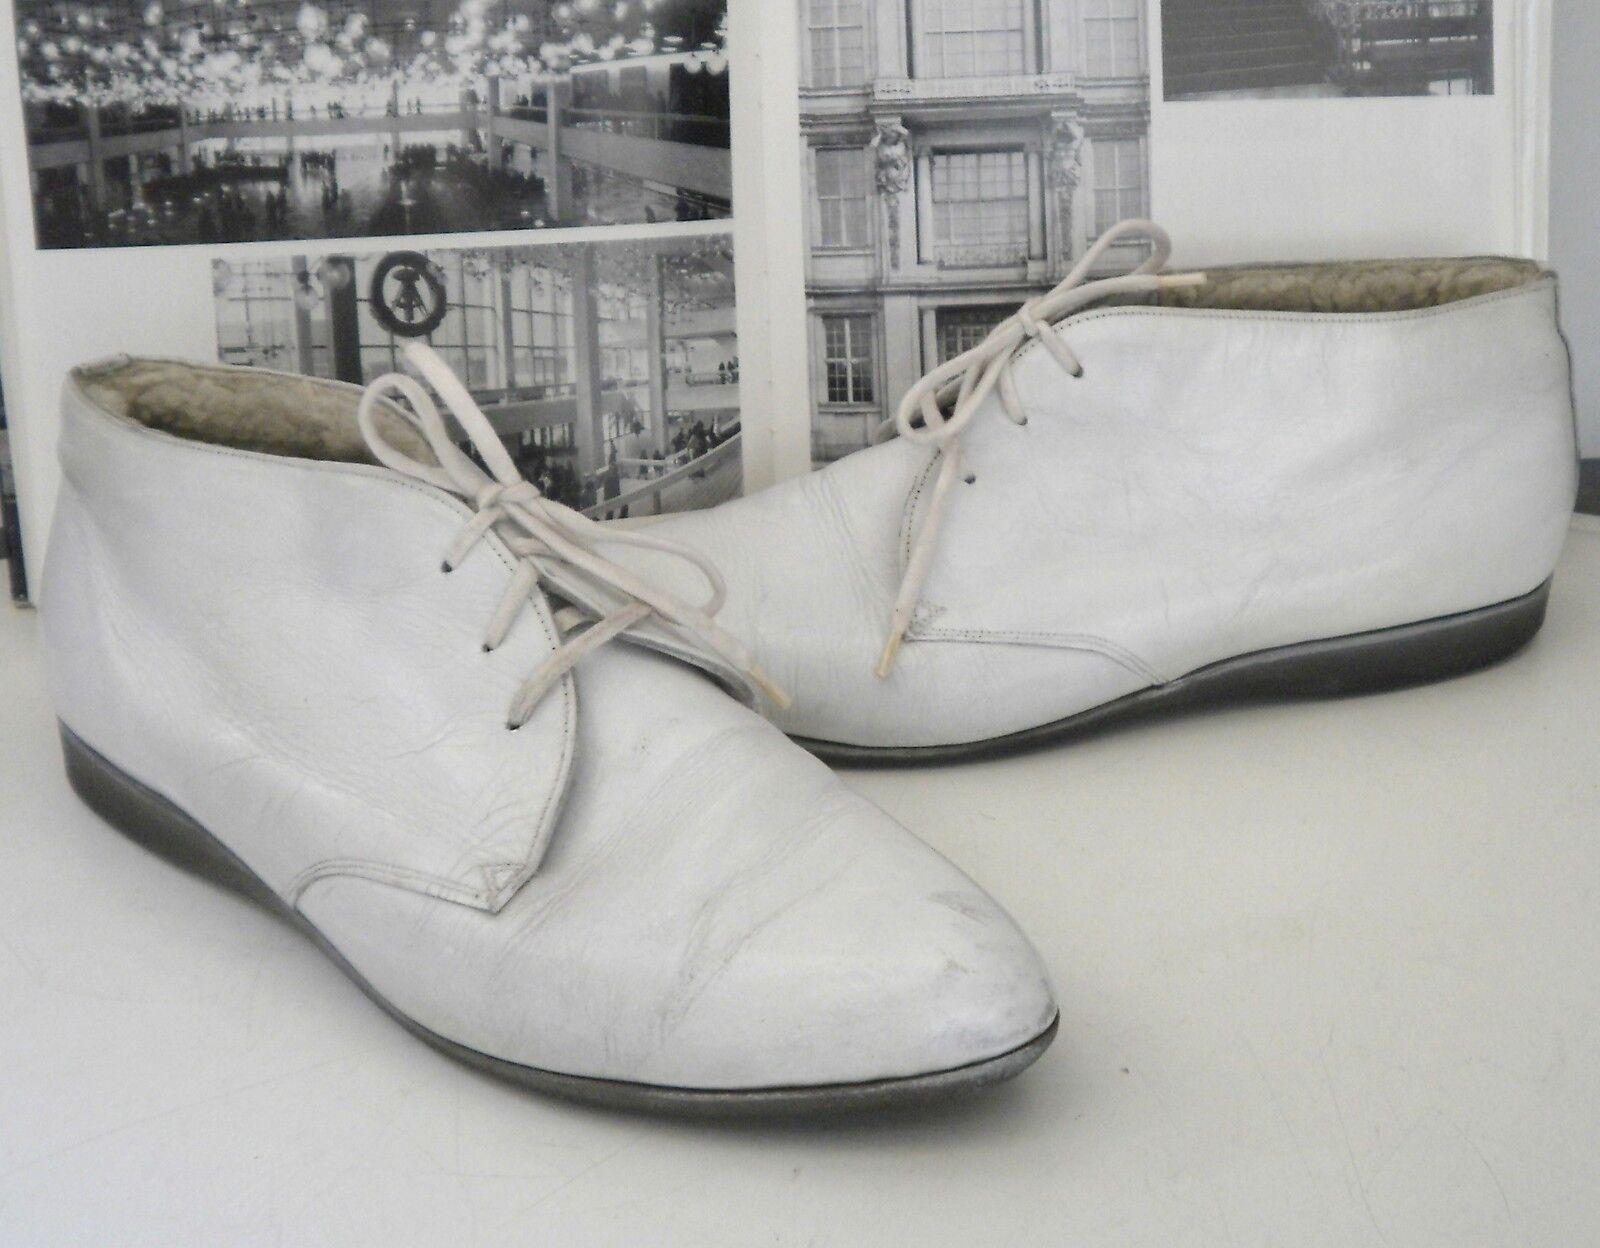 Señora semi zapato schnürzapatos 60er True vintage botas botas botas botín zapatos Snow  calidad oficial